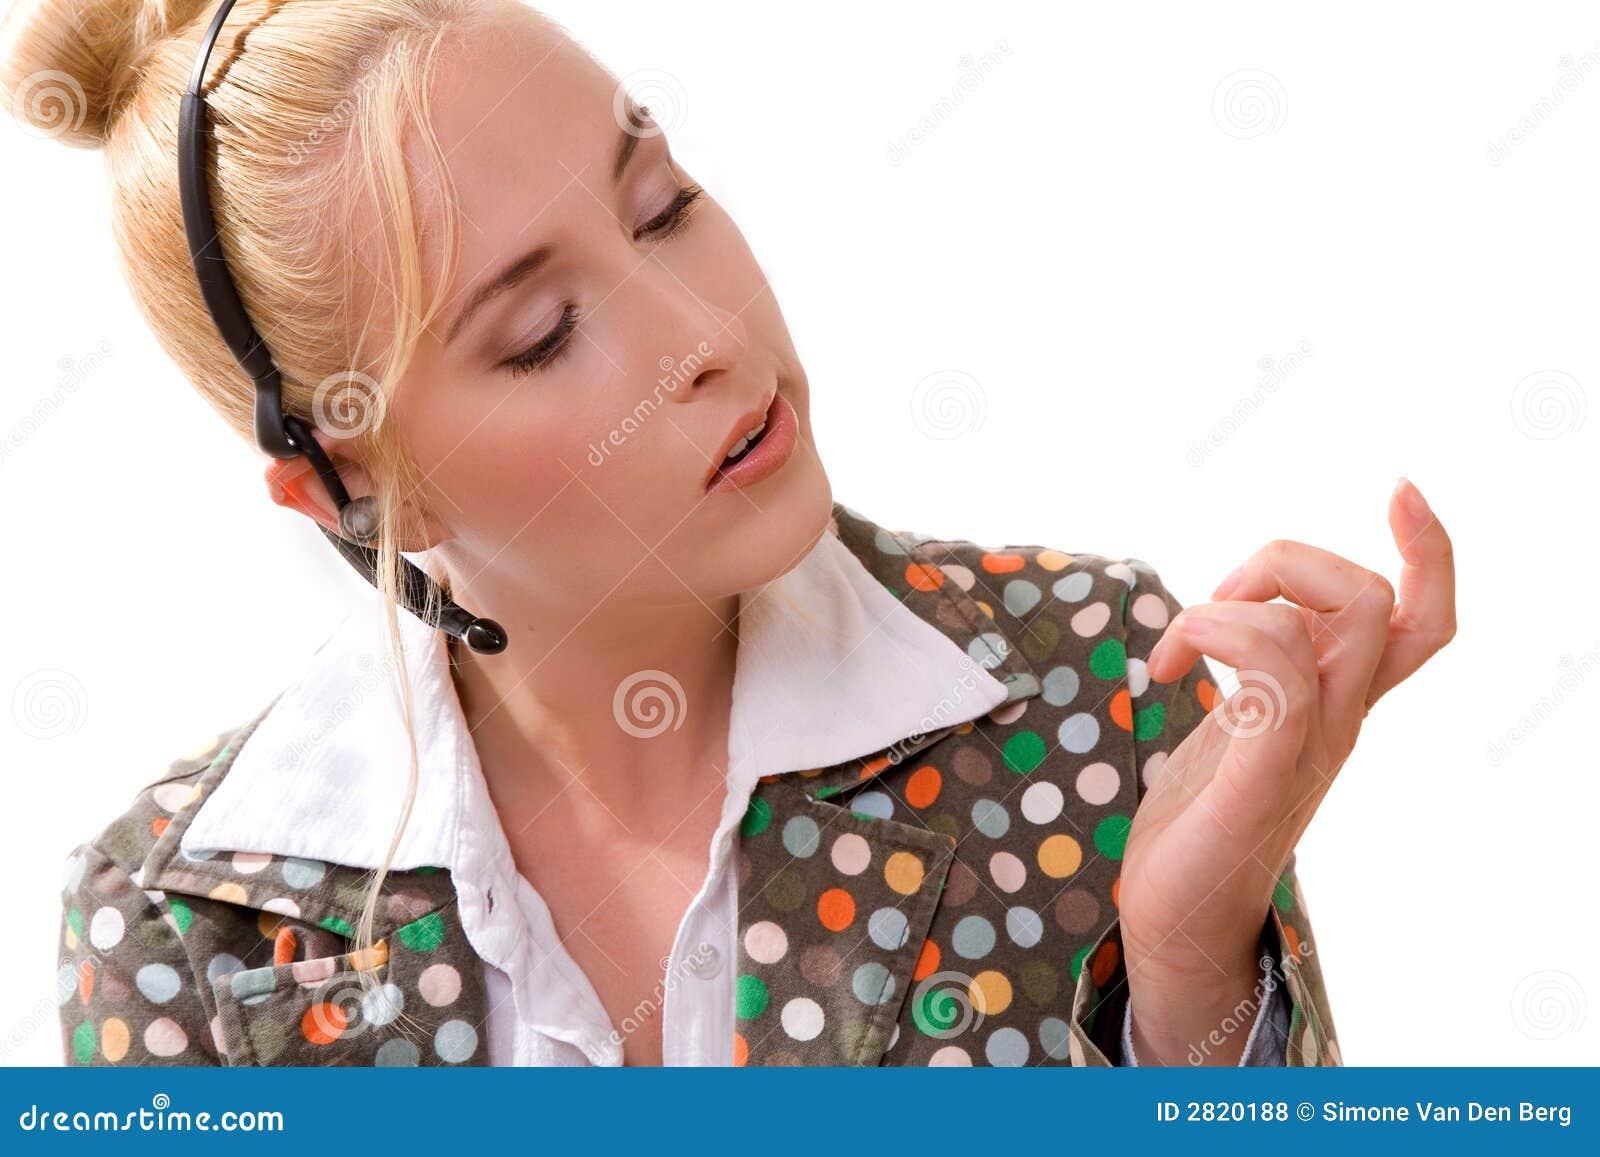 Sprawdzić jej paznokcie